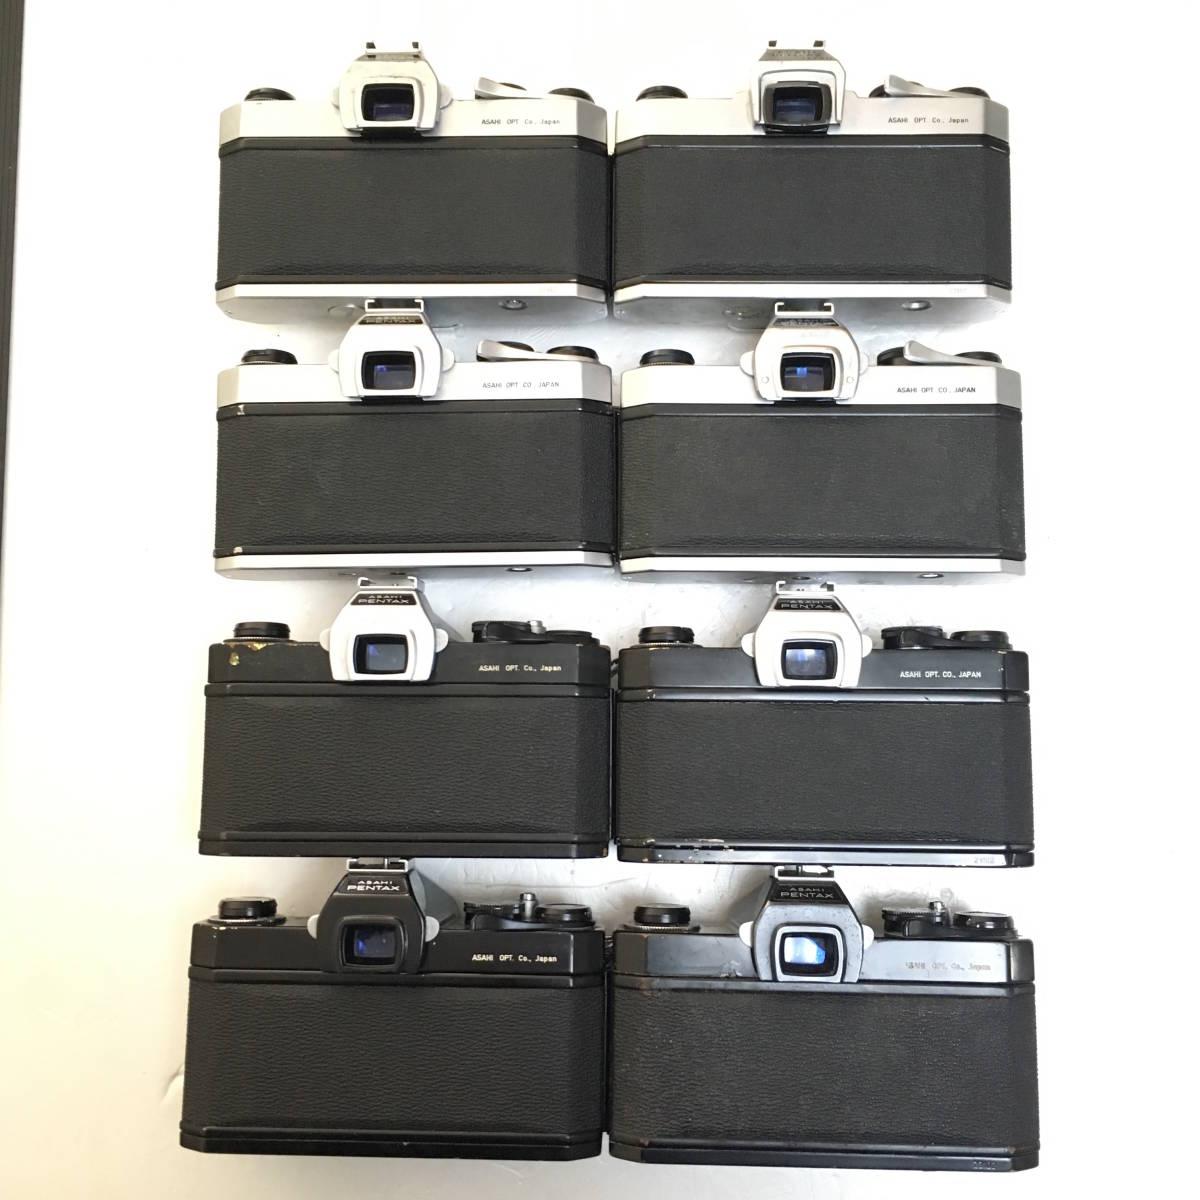 大好評! M42マウントカメラ 豪華24台セット 全てPENTAXです。 SP,SP2,SPF,SV,ES2等沢山_画像5